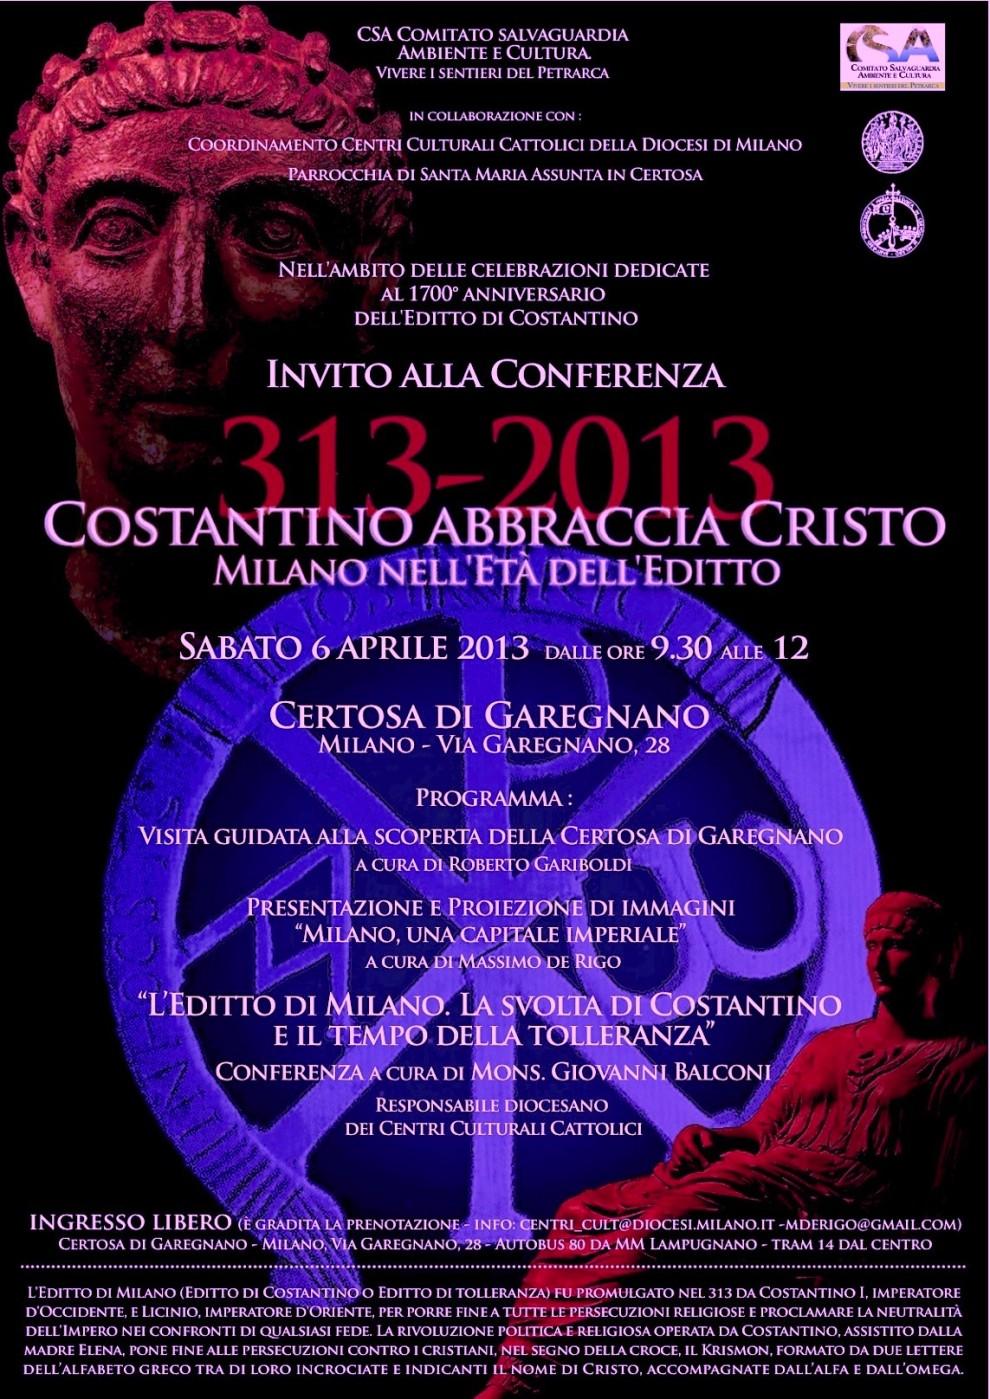 locandina Editto di Costantino (2013)